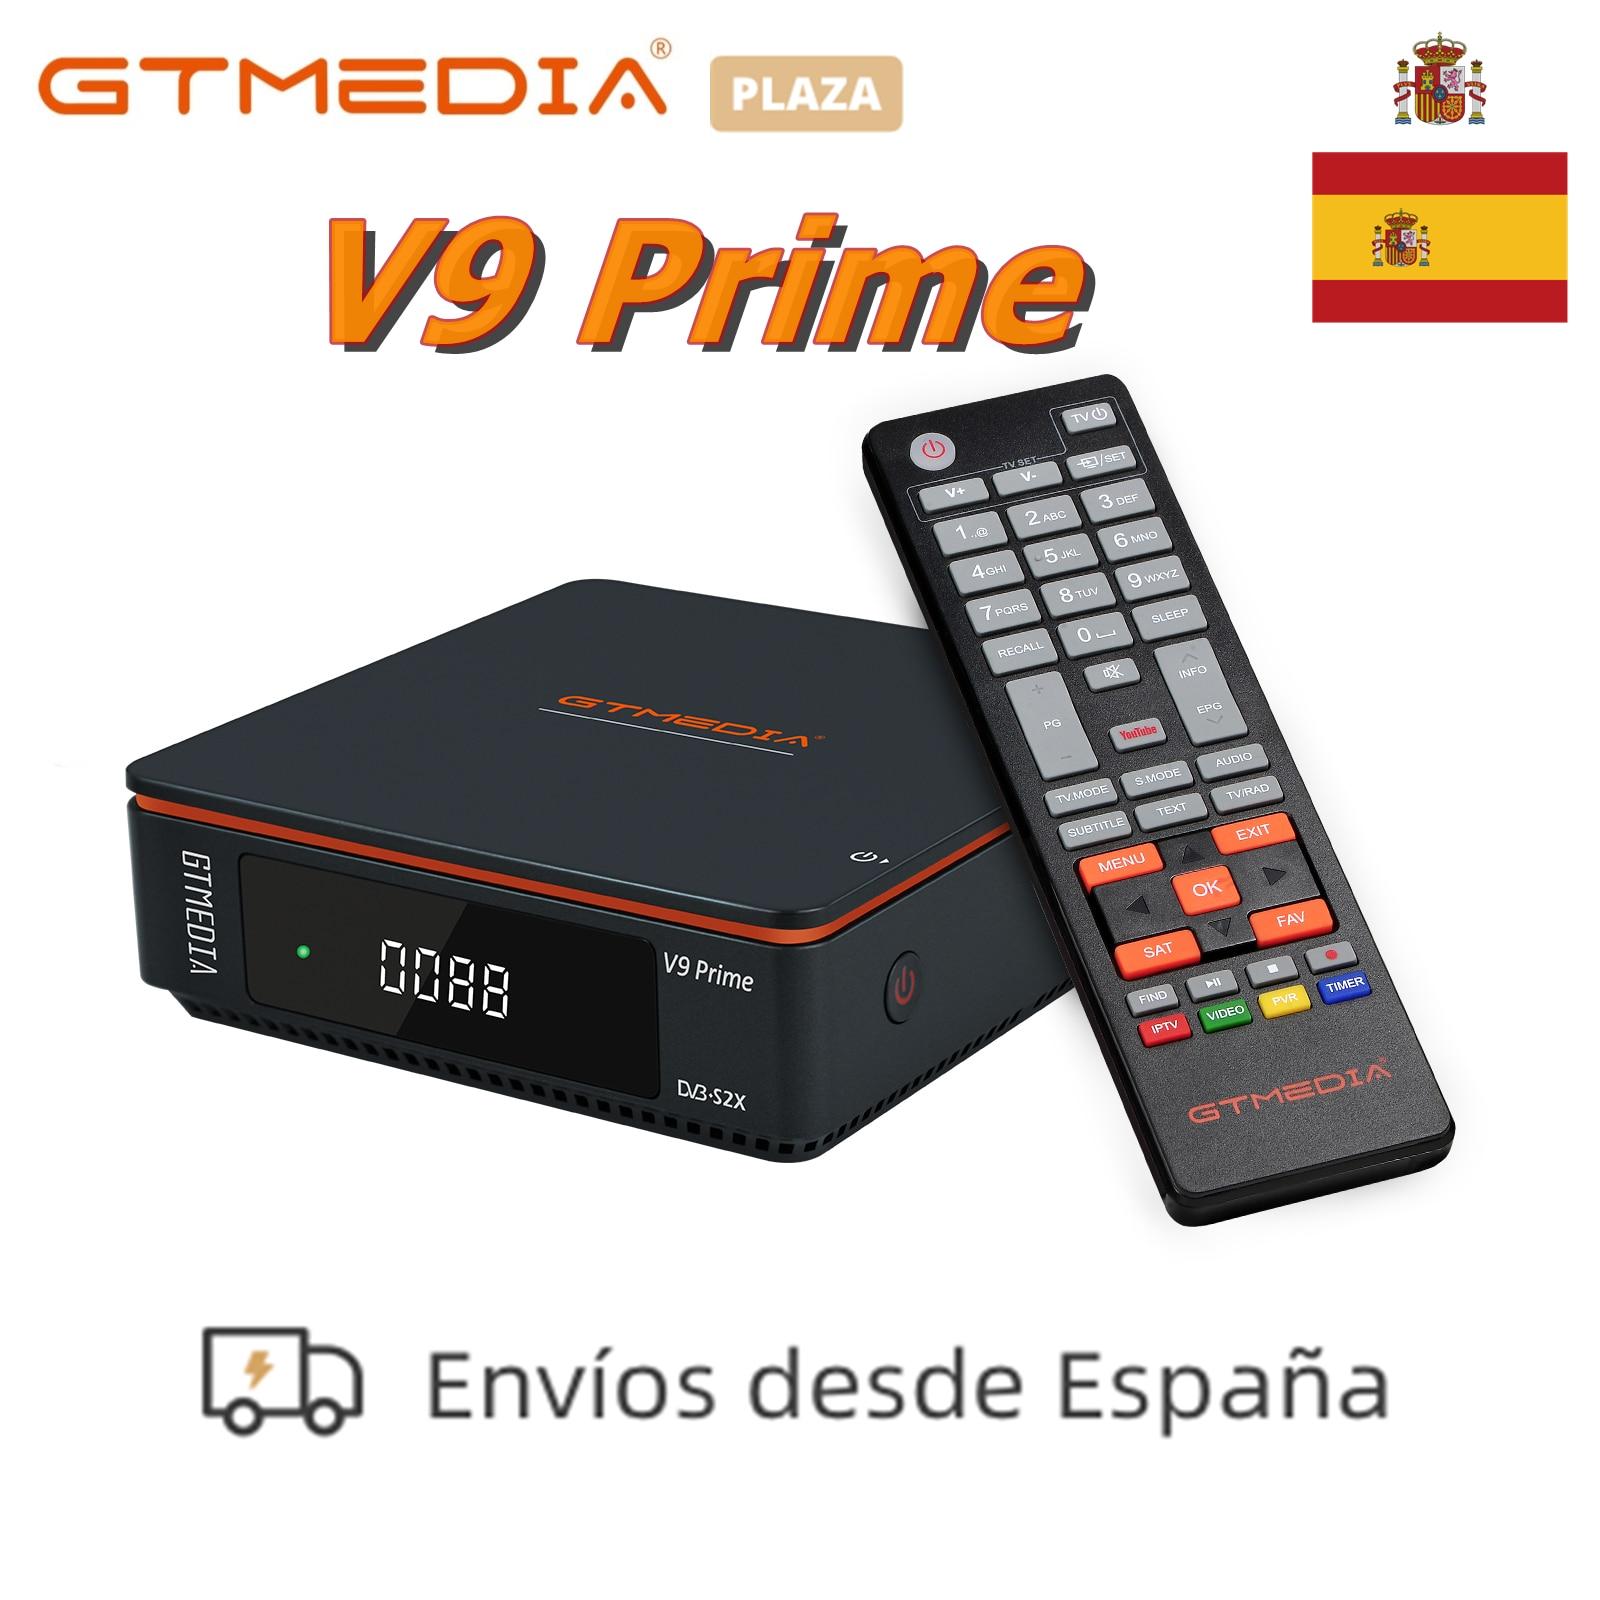 2021 Новый GTMedia V9 PRIME DVB-S/S2/S2X-цифра спутниковый телевизионный ресивер встроенный WiFi 10 бит Поддержка m3u Youtube Модернизированный из Gtmedia V9 супер